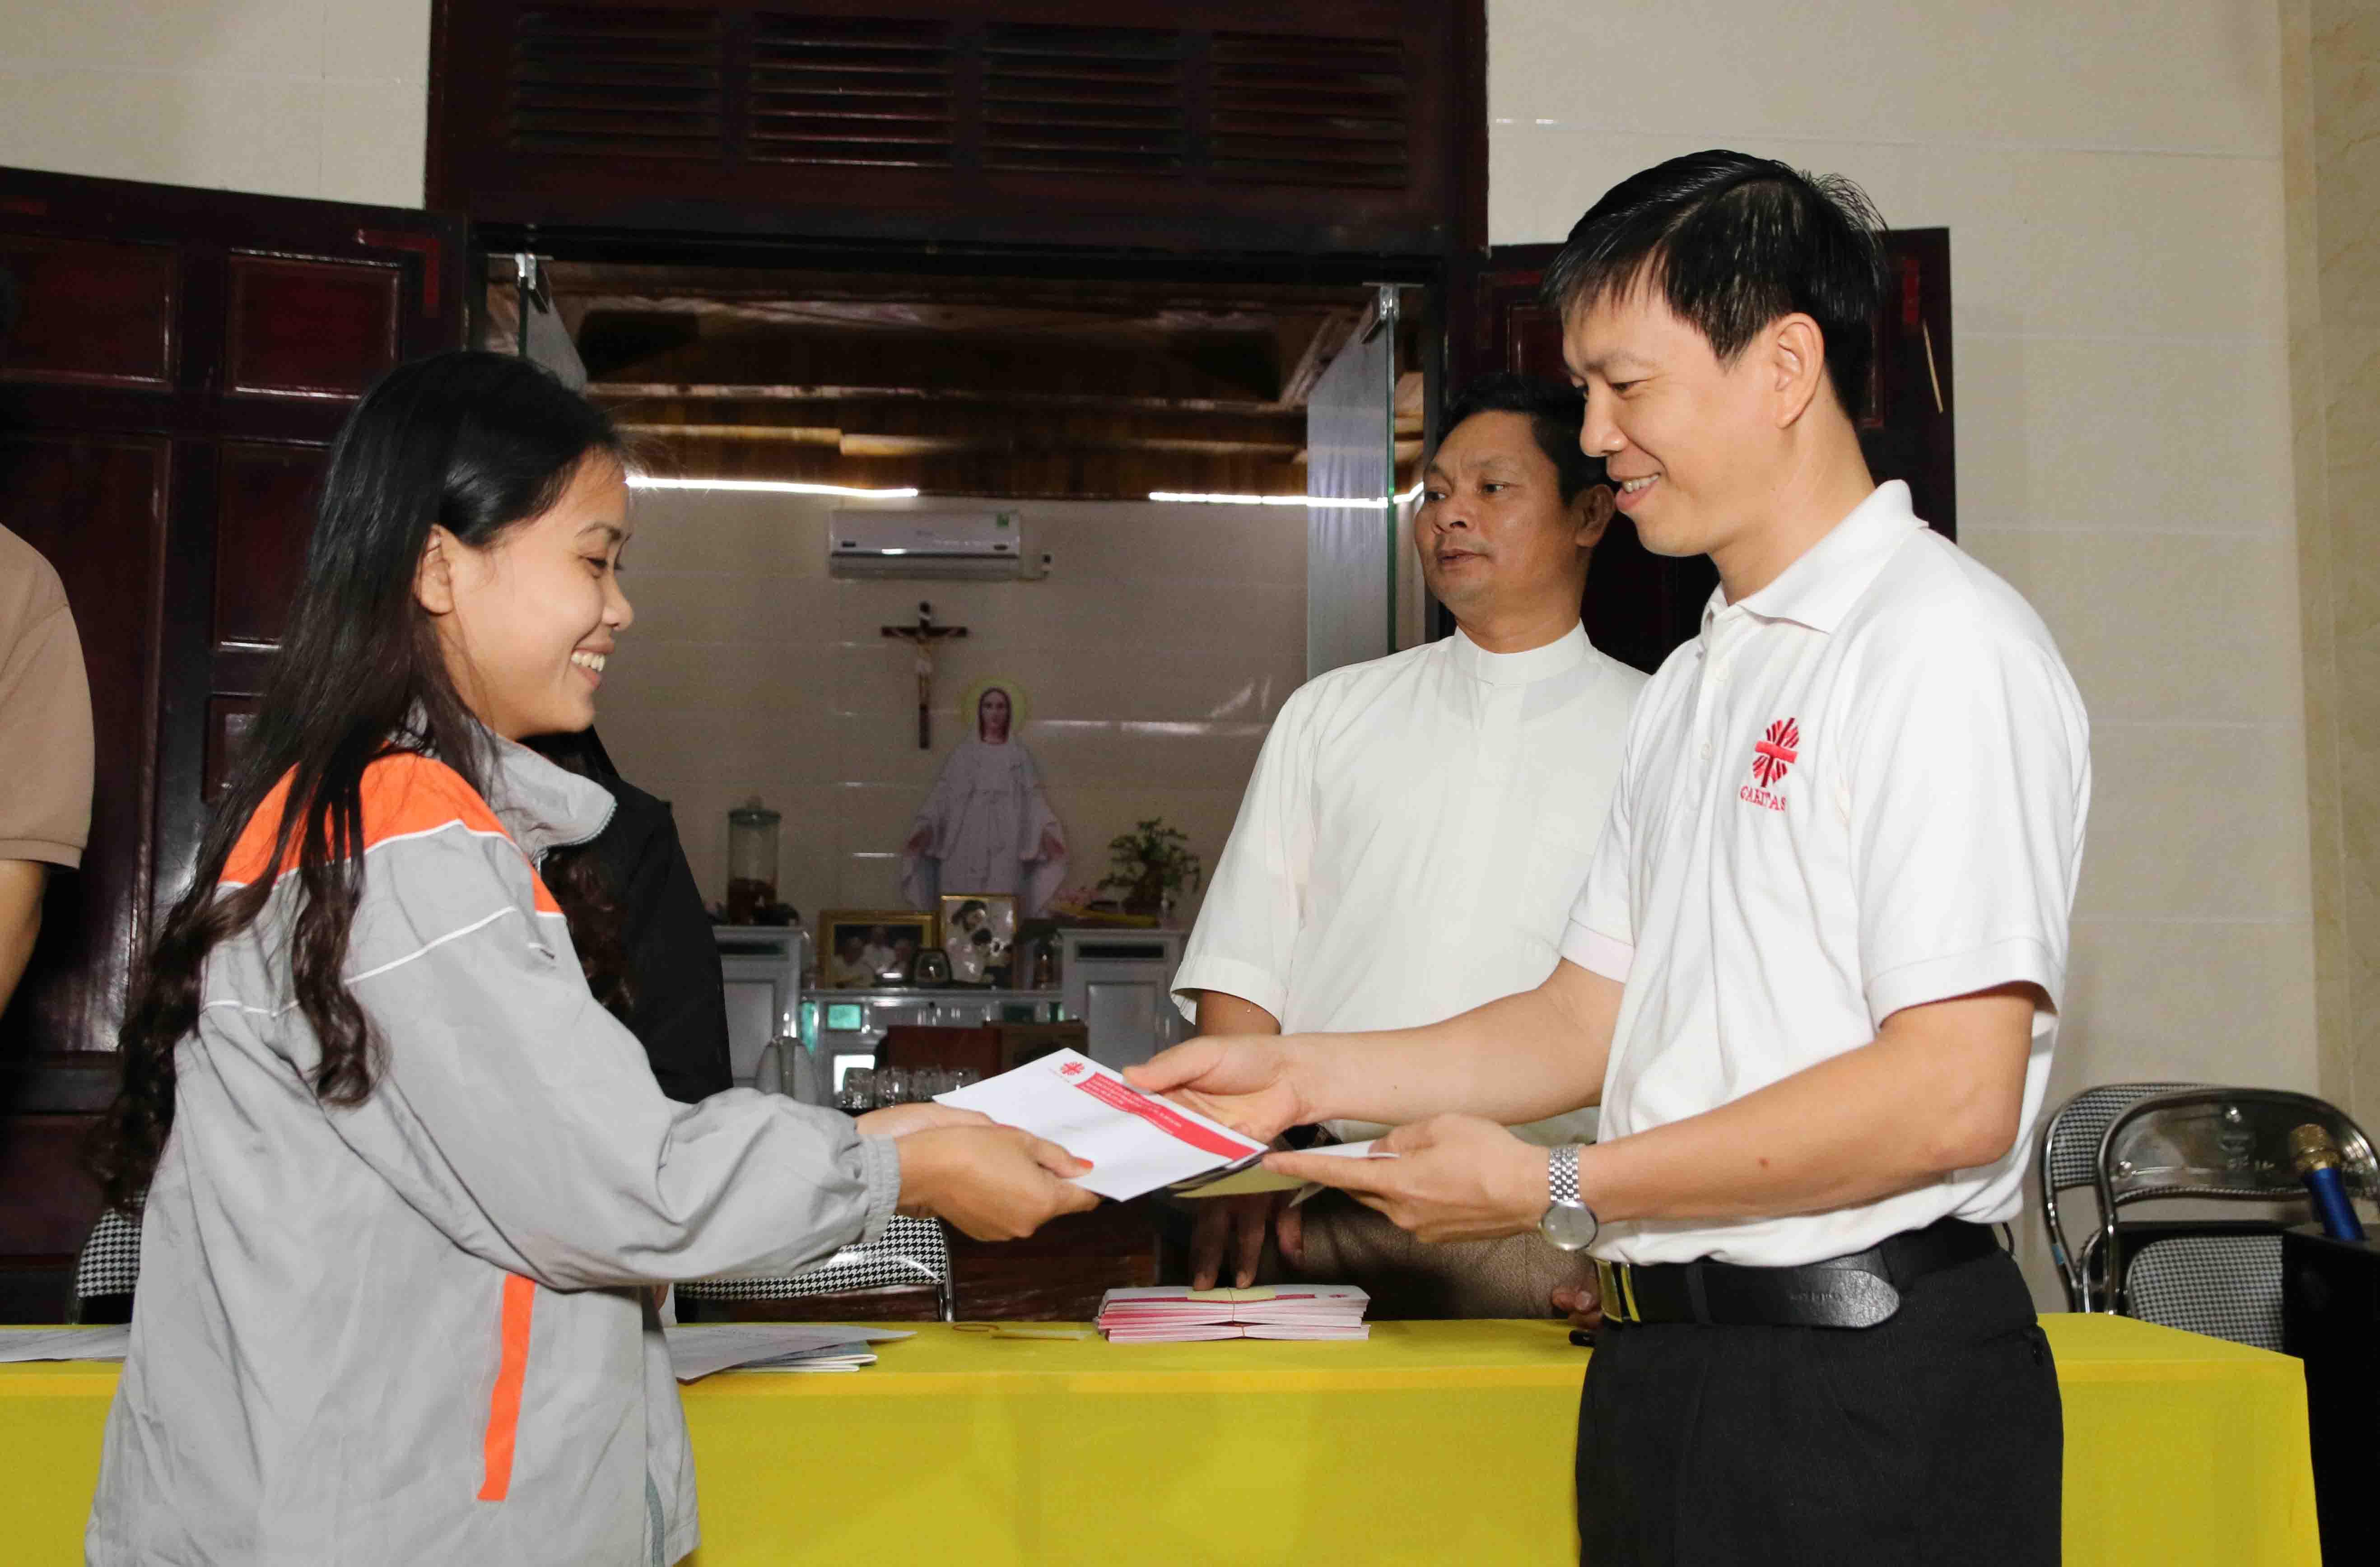 Caritas Việt Nam: Trao Học Bổng Cho Các Em Có Hoàn Cảnh Khó Khăn Ở Vùng Biển Bị Nhiễm Độc Bởi Sự Cố Môi Trường Formosa